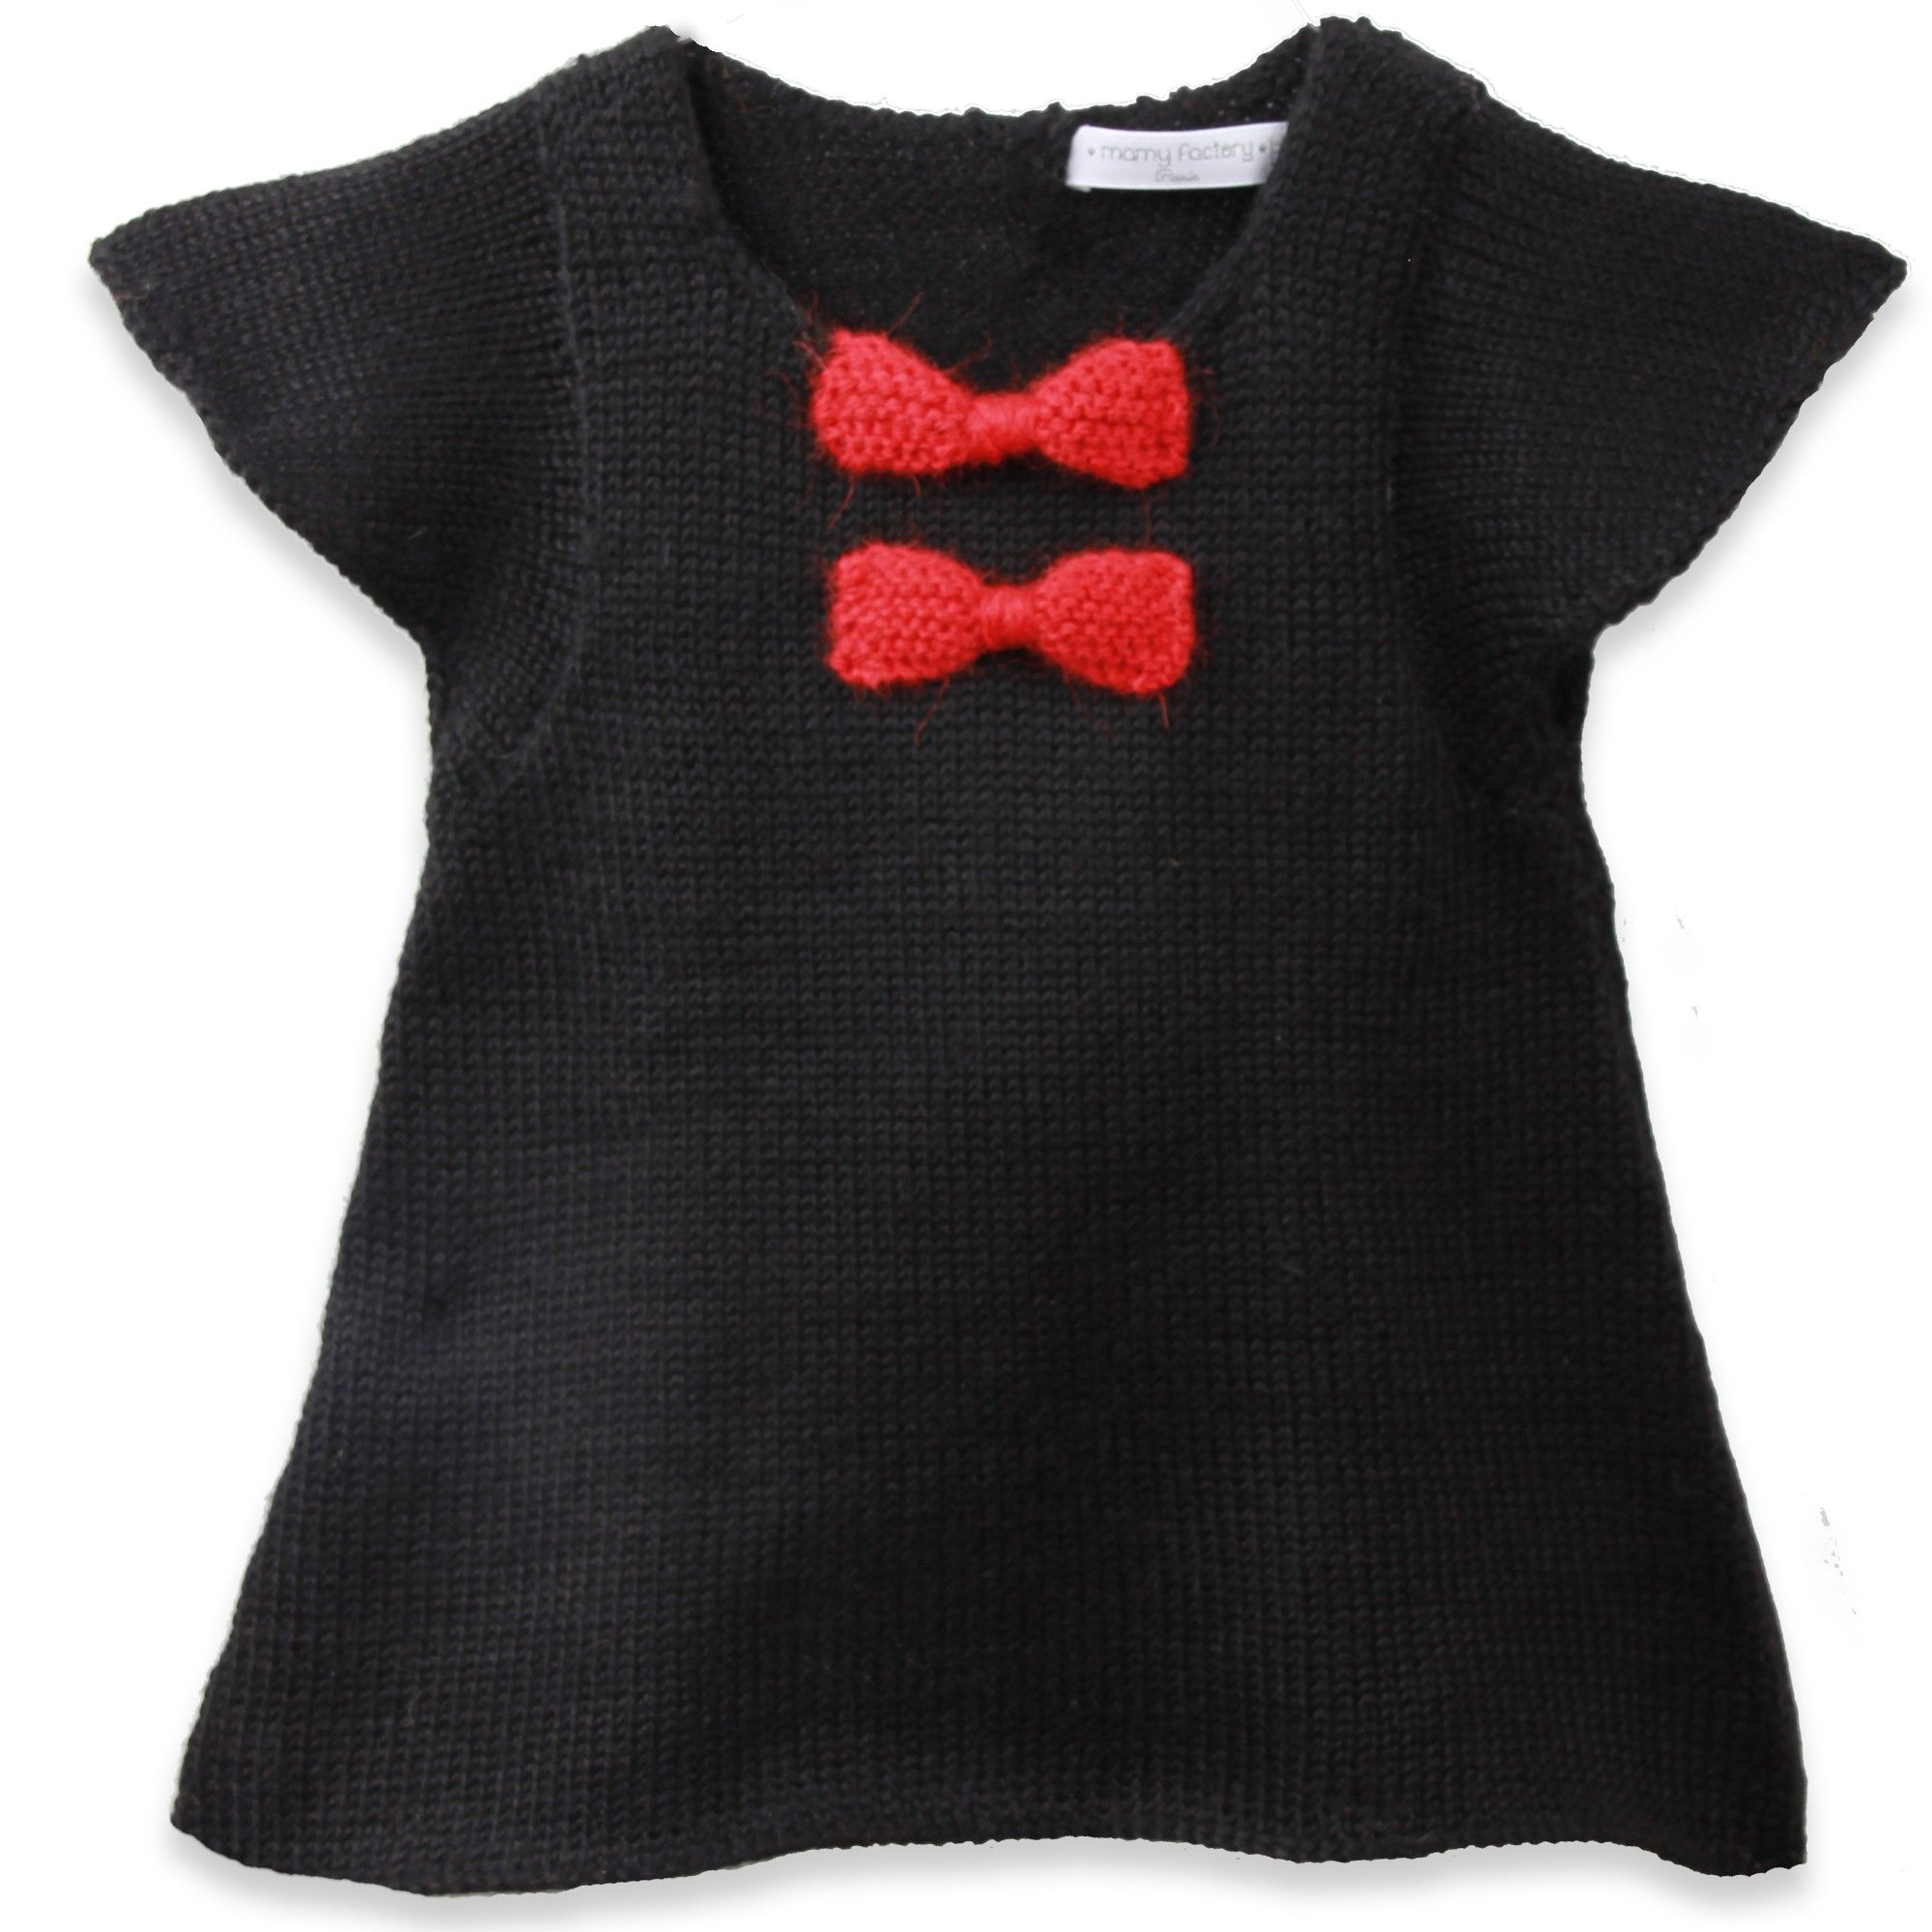 Modele gratuit robe laine fille a tricoter